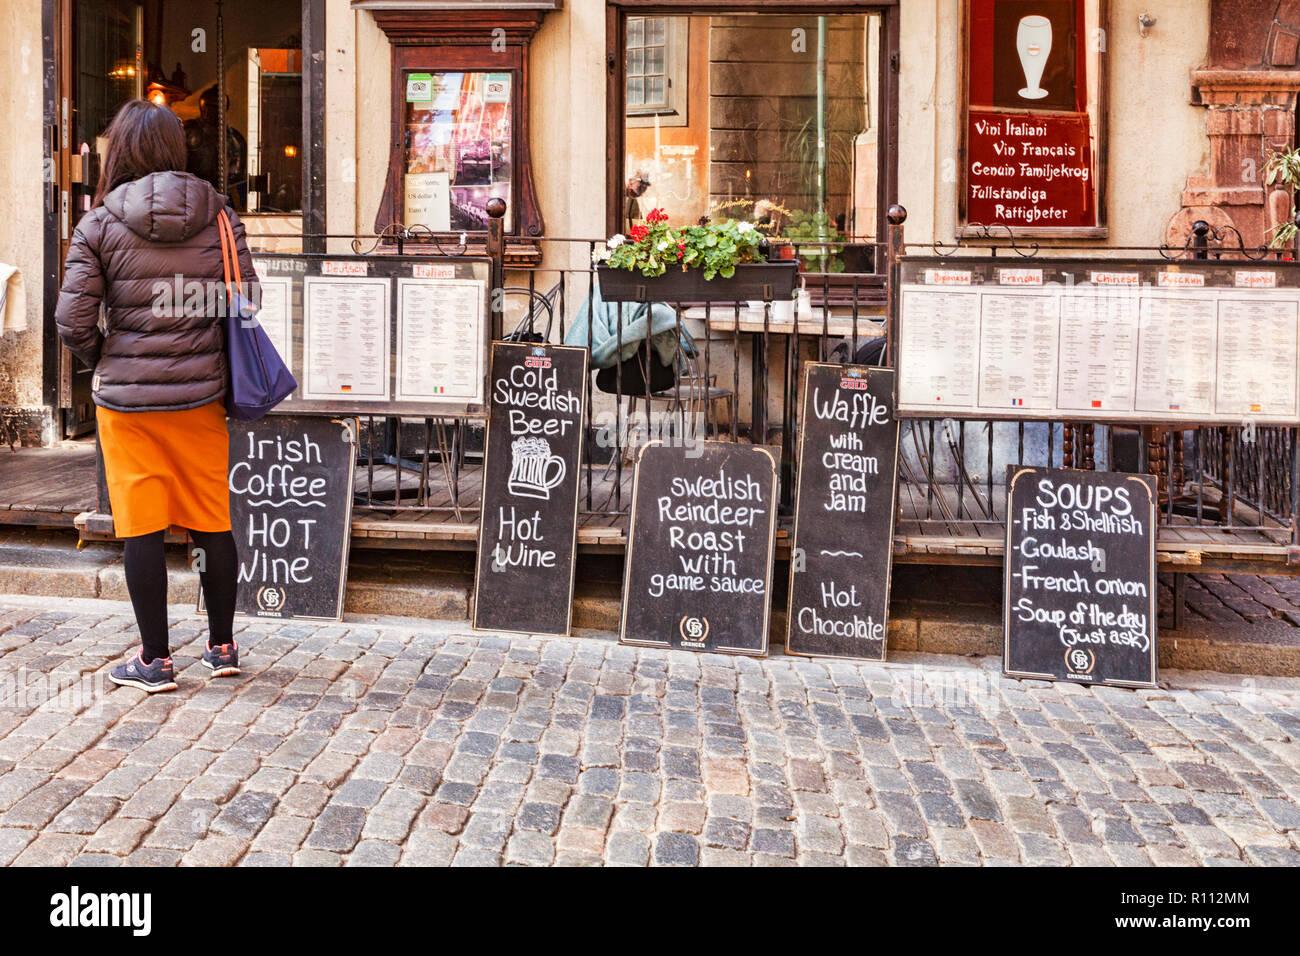 16 September 2018: Stockholm, Sweden - Blackboards outside a Swedish restaurant, offering Swedish Reindeer Roast. - Stock Image